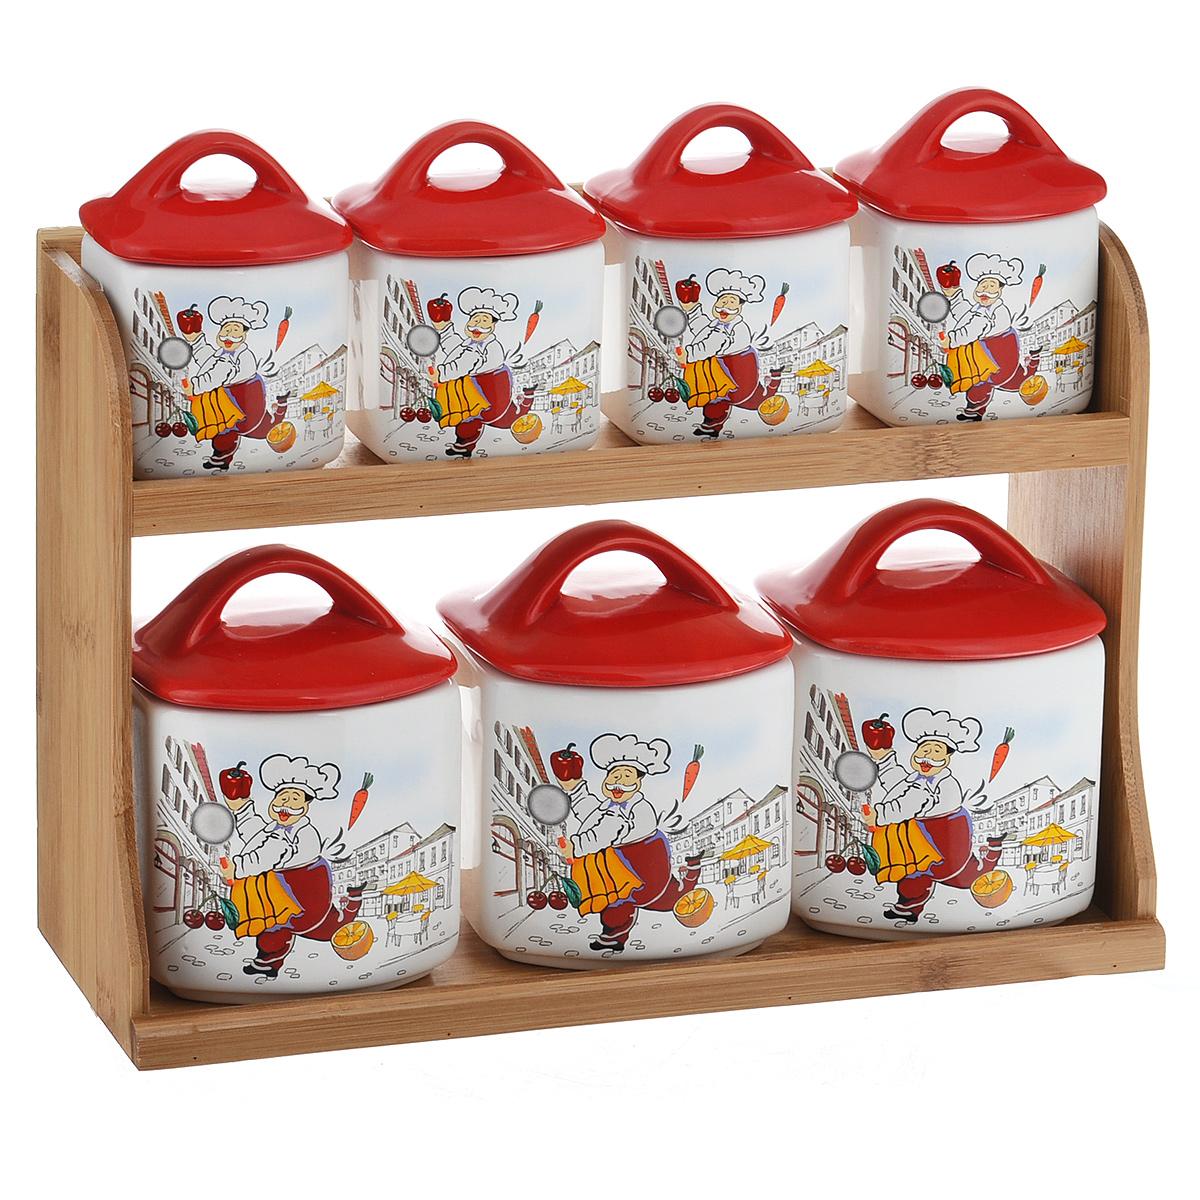 Набор банок для хранения сыпучих продуктов Веселый повар, цвет: красный, белый, 8 предметовDFC00574-02226 W 7/SНабор Веселый повар состоит из трех больших банок, четырех маленьких банок и подставки. Предметы набора изготовлены из доломитовой керамики и декорированы изображением повара. Изделия помещаются на удобную деревянную подставку. Оригинальный дизайн, эстетичность и функциональность набора позволят ему стать достойным дополнением к кухонному инвентарю. Можно мыть в посудомоечной машине на минимальной температуре. Размер основания большой емкости: 8,5 х 9,5 см. Высота большой емкости (без учета крышки): 9 см. Размер основания маленькой емкости: 7 см х 6 см. Высота маленькой емкости (без учета крышки): 6,5 см. Размер подставки: 33 см х 10,5 см х 22 см.